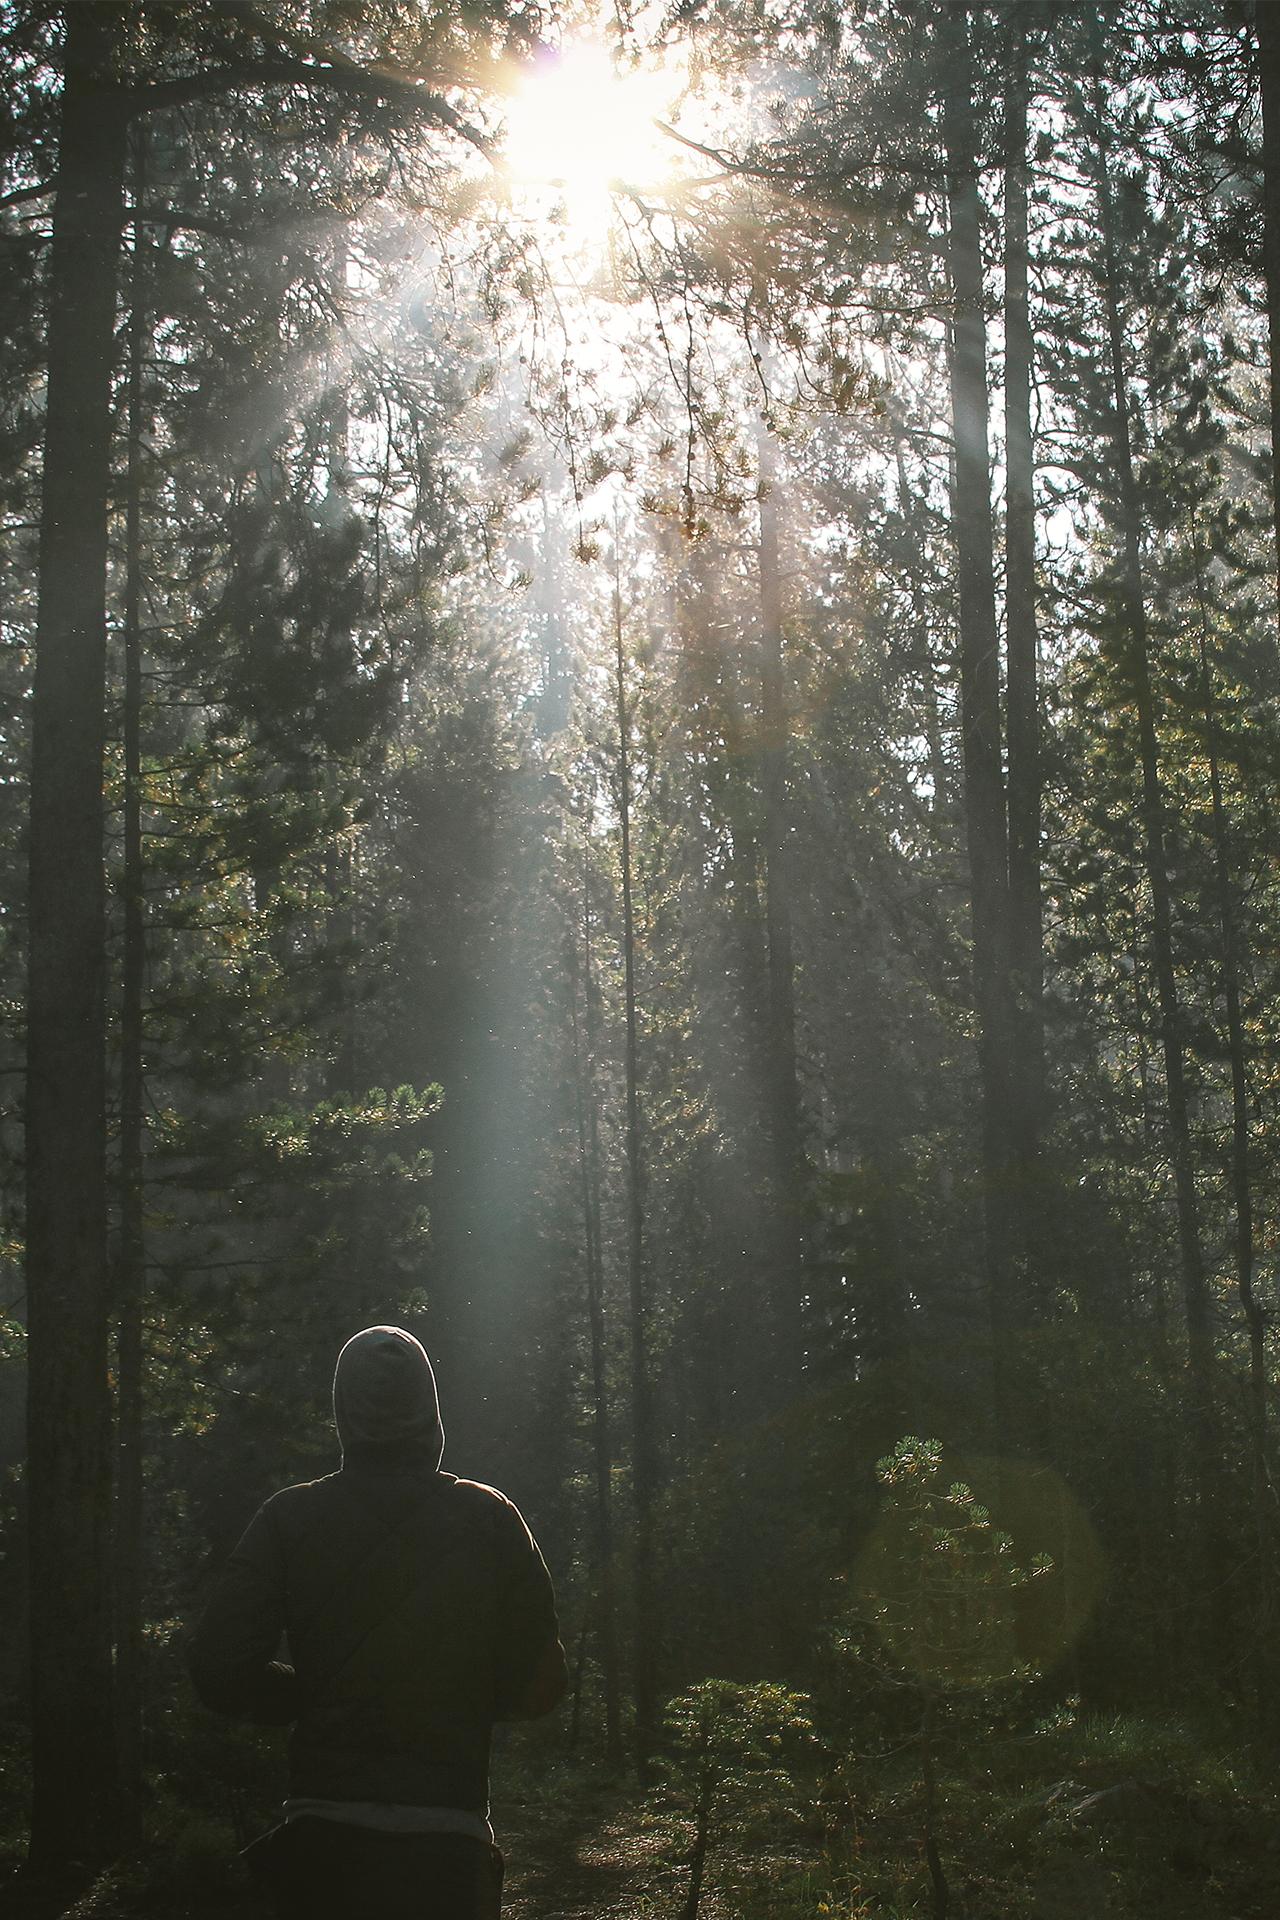 zonlicht door takken in het bos